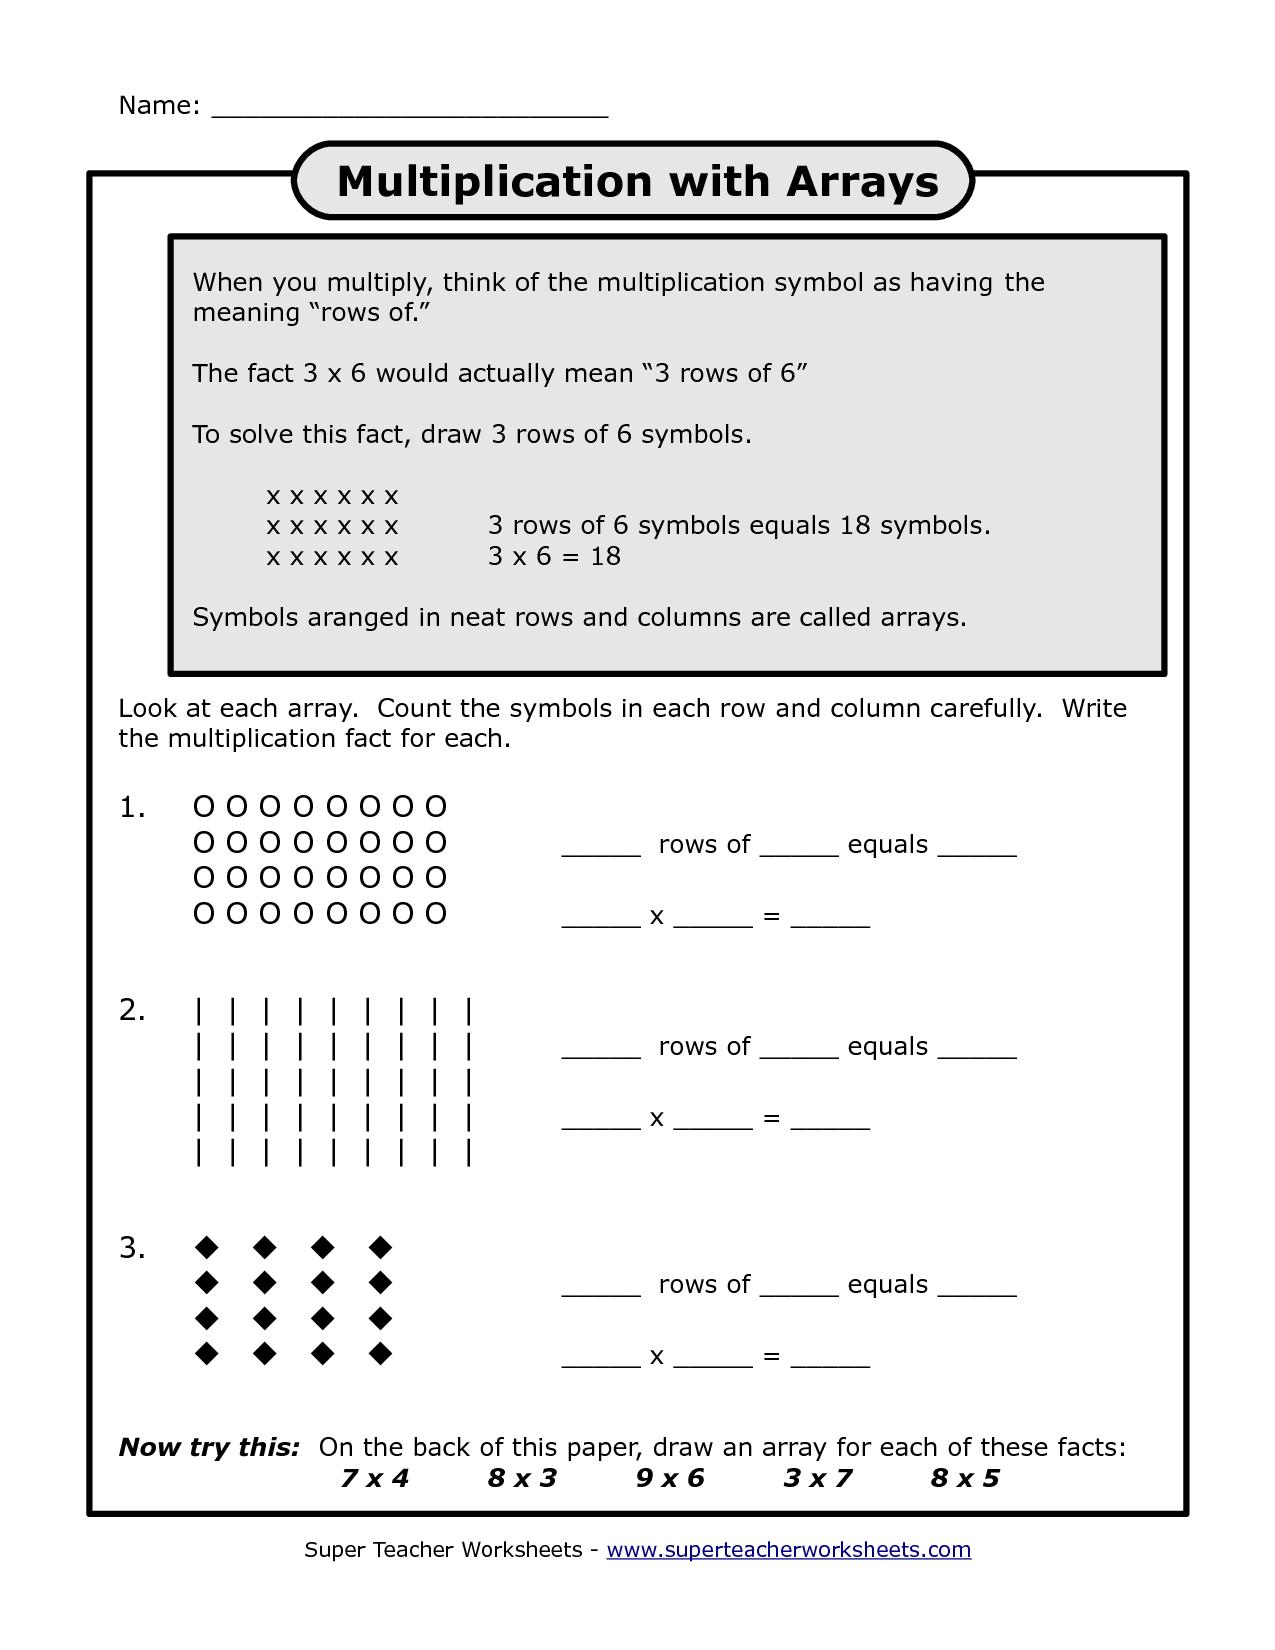 multiplication array worksheets 3rd grade_123540